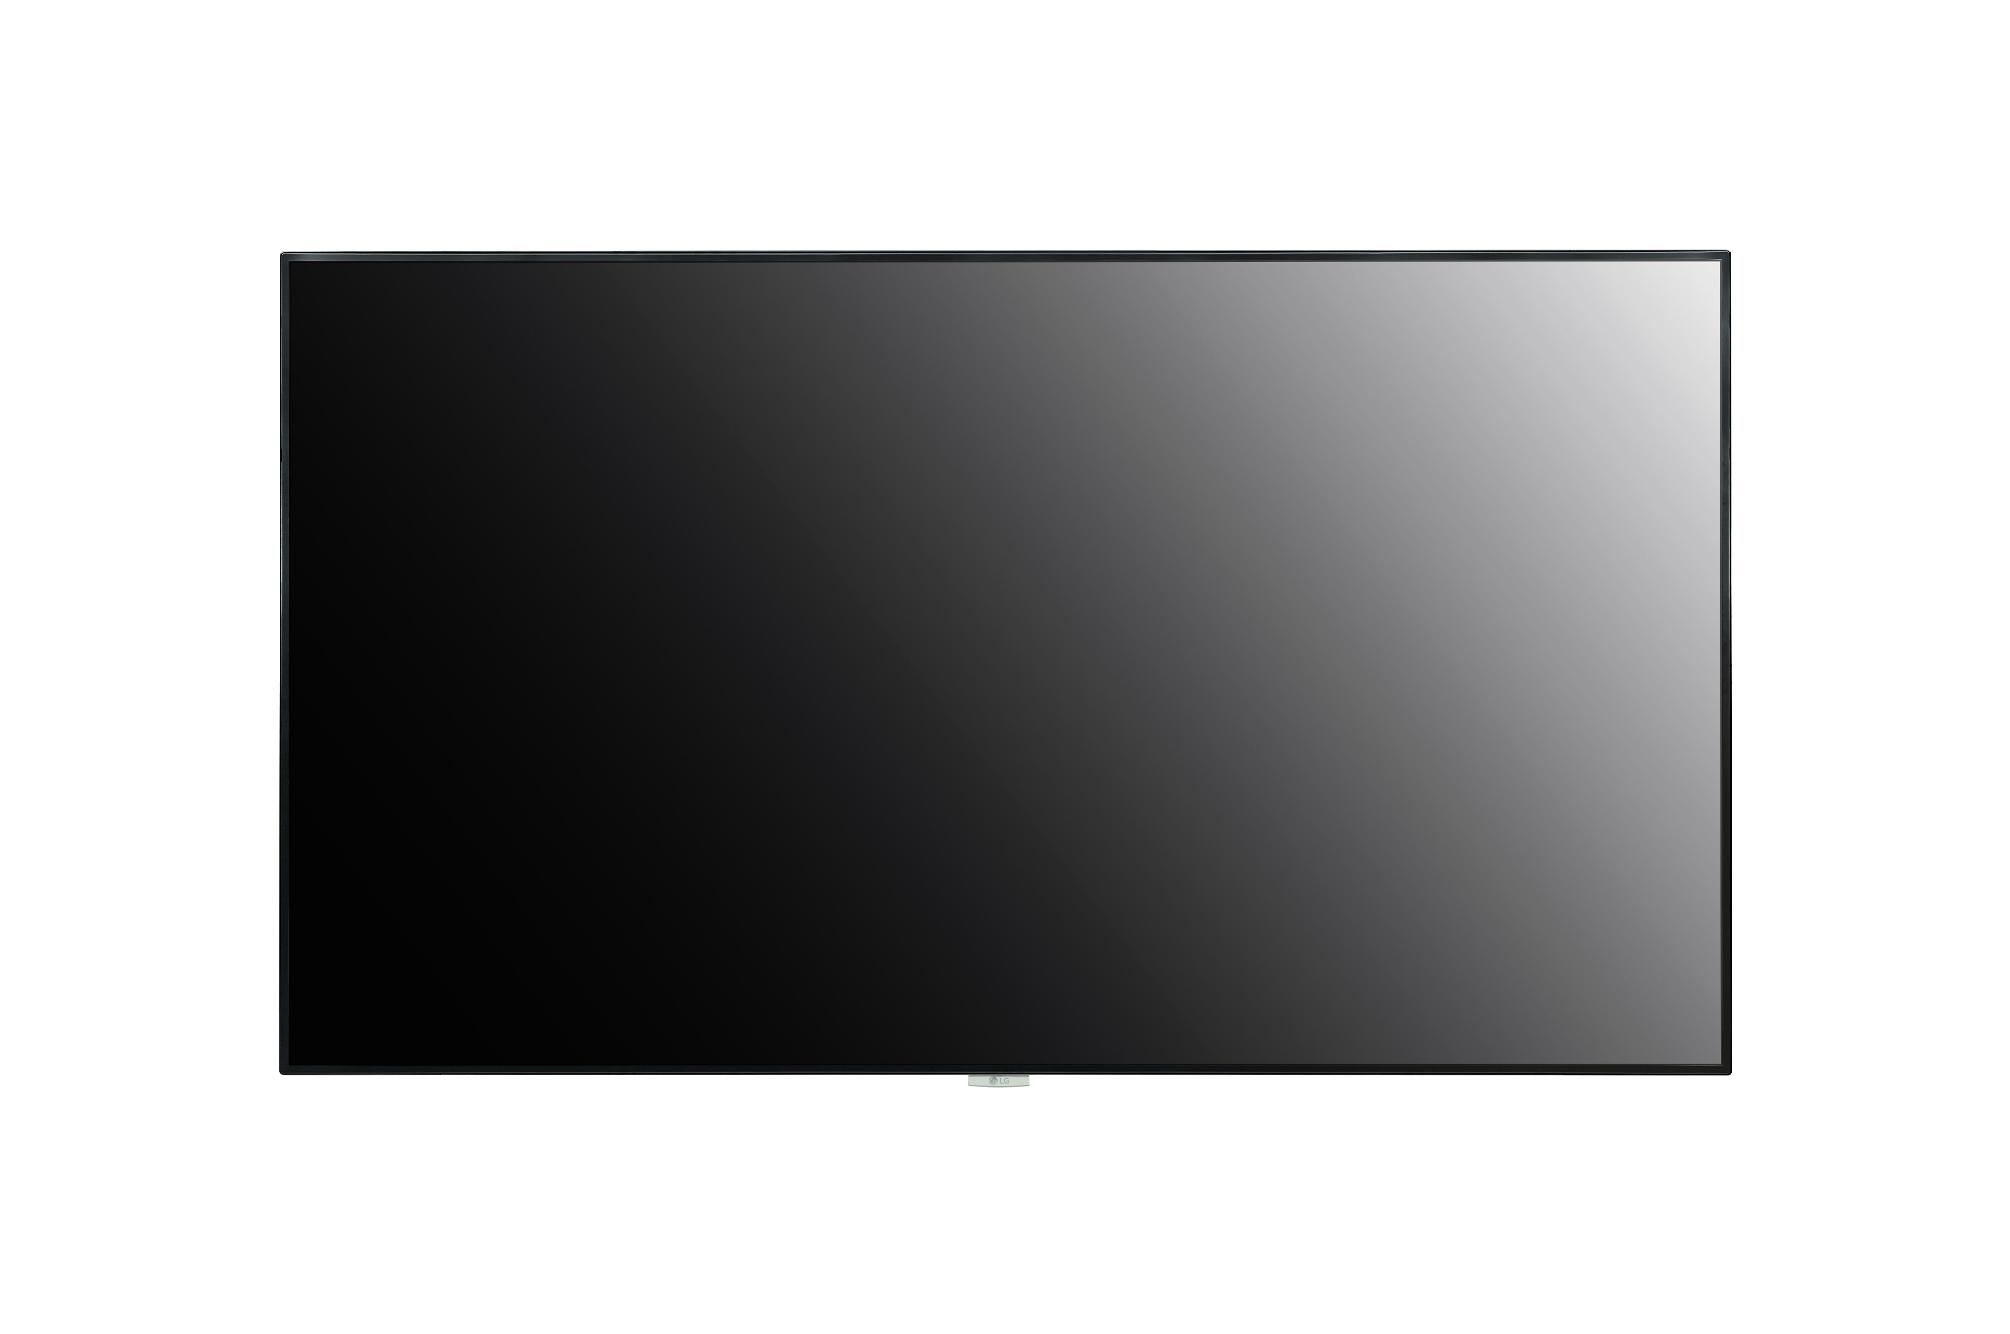 LG Standard Premium 98UH5F-B 2